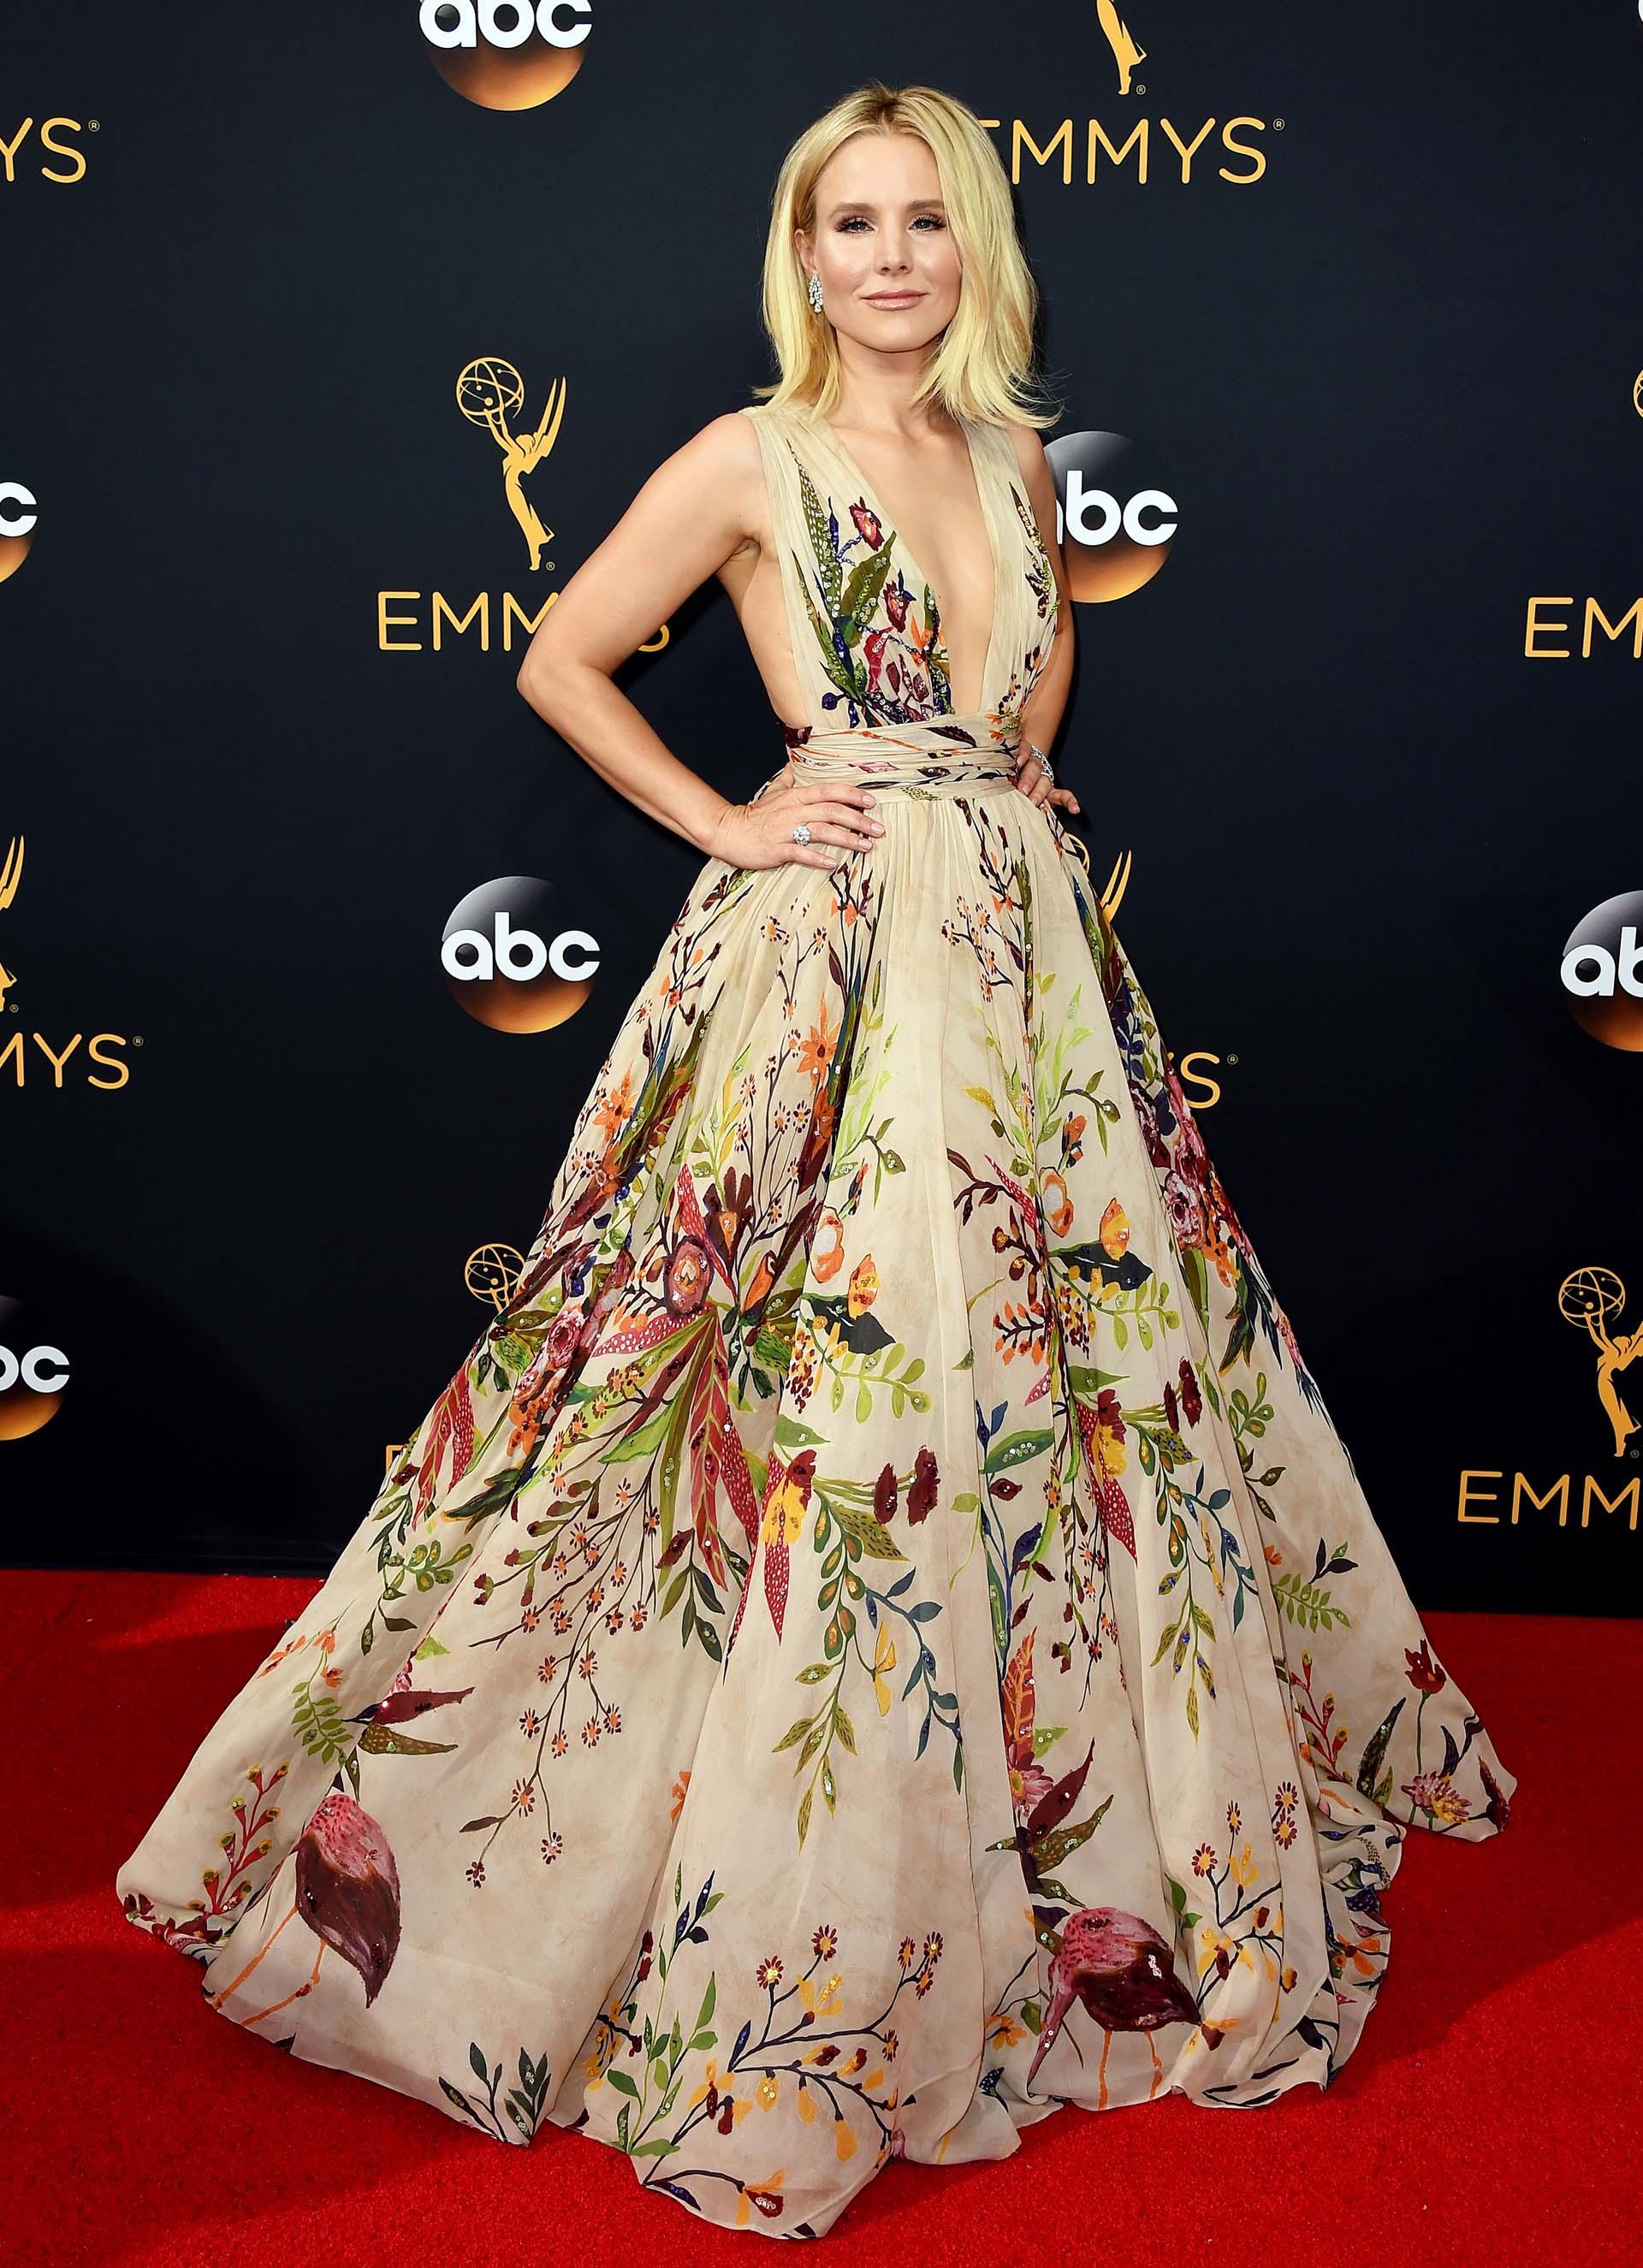 Kristen Bell Acaparó todas las miradas con su diseño de Zuhair Murad de aire romántico y muy elegante. Una pieza con un escote profundo y una falda voluptuosa. Cabello suelto y joyas de brillante en la entrega de 2016 (AP)